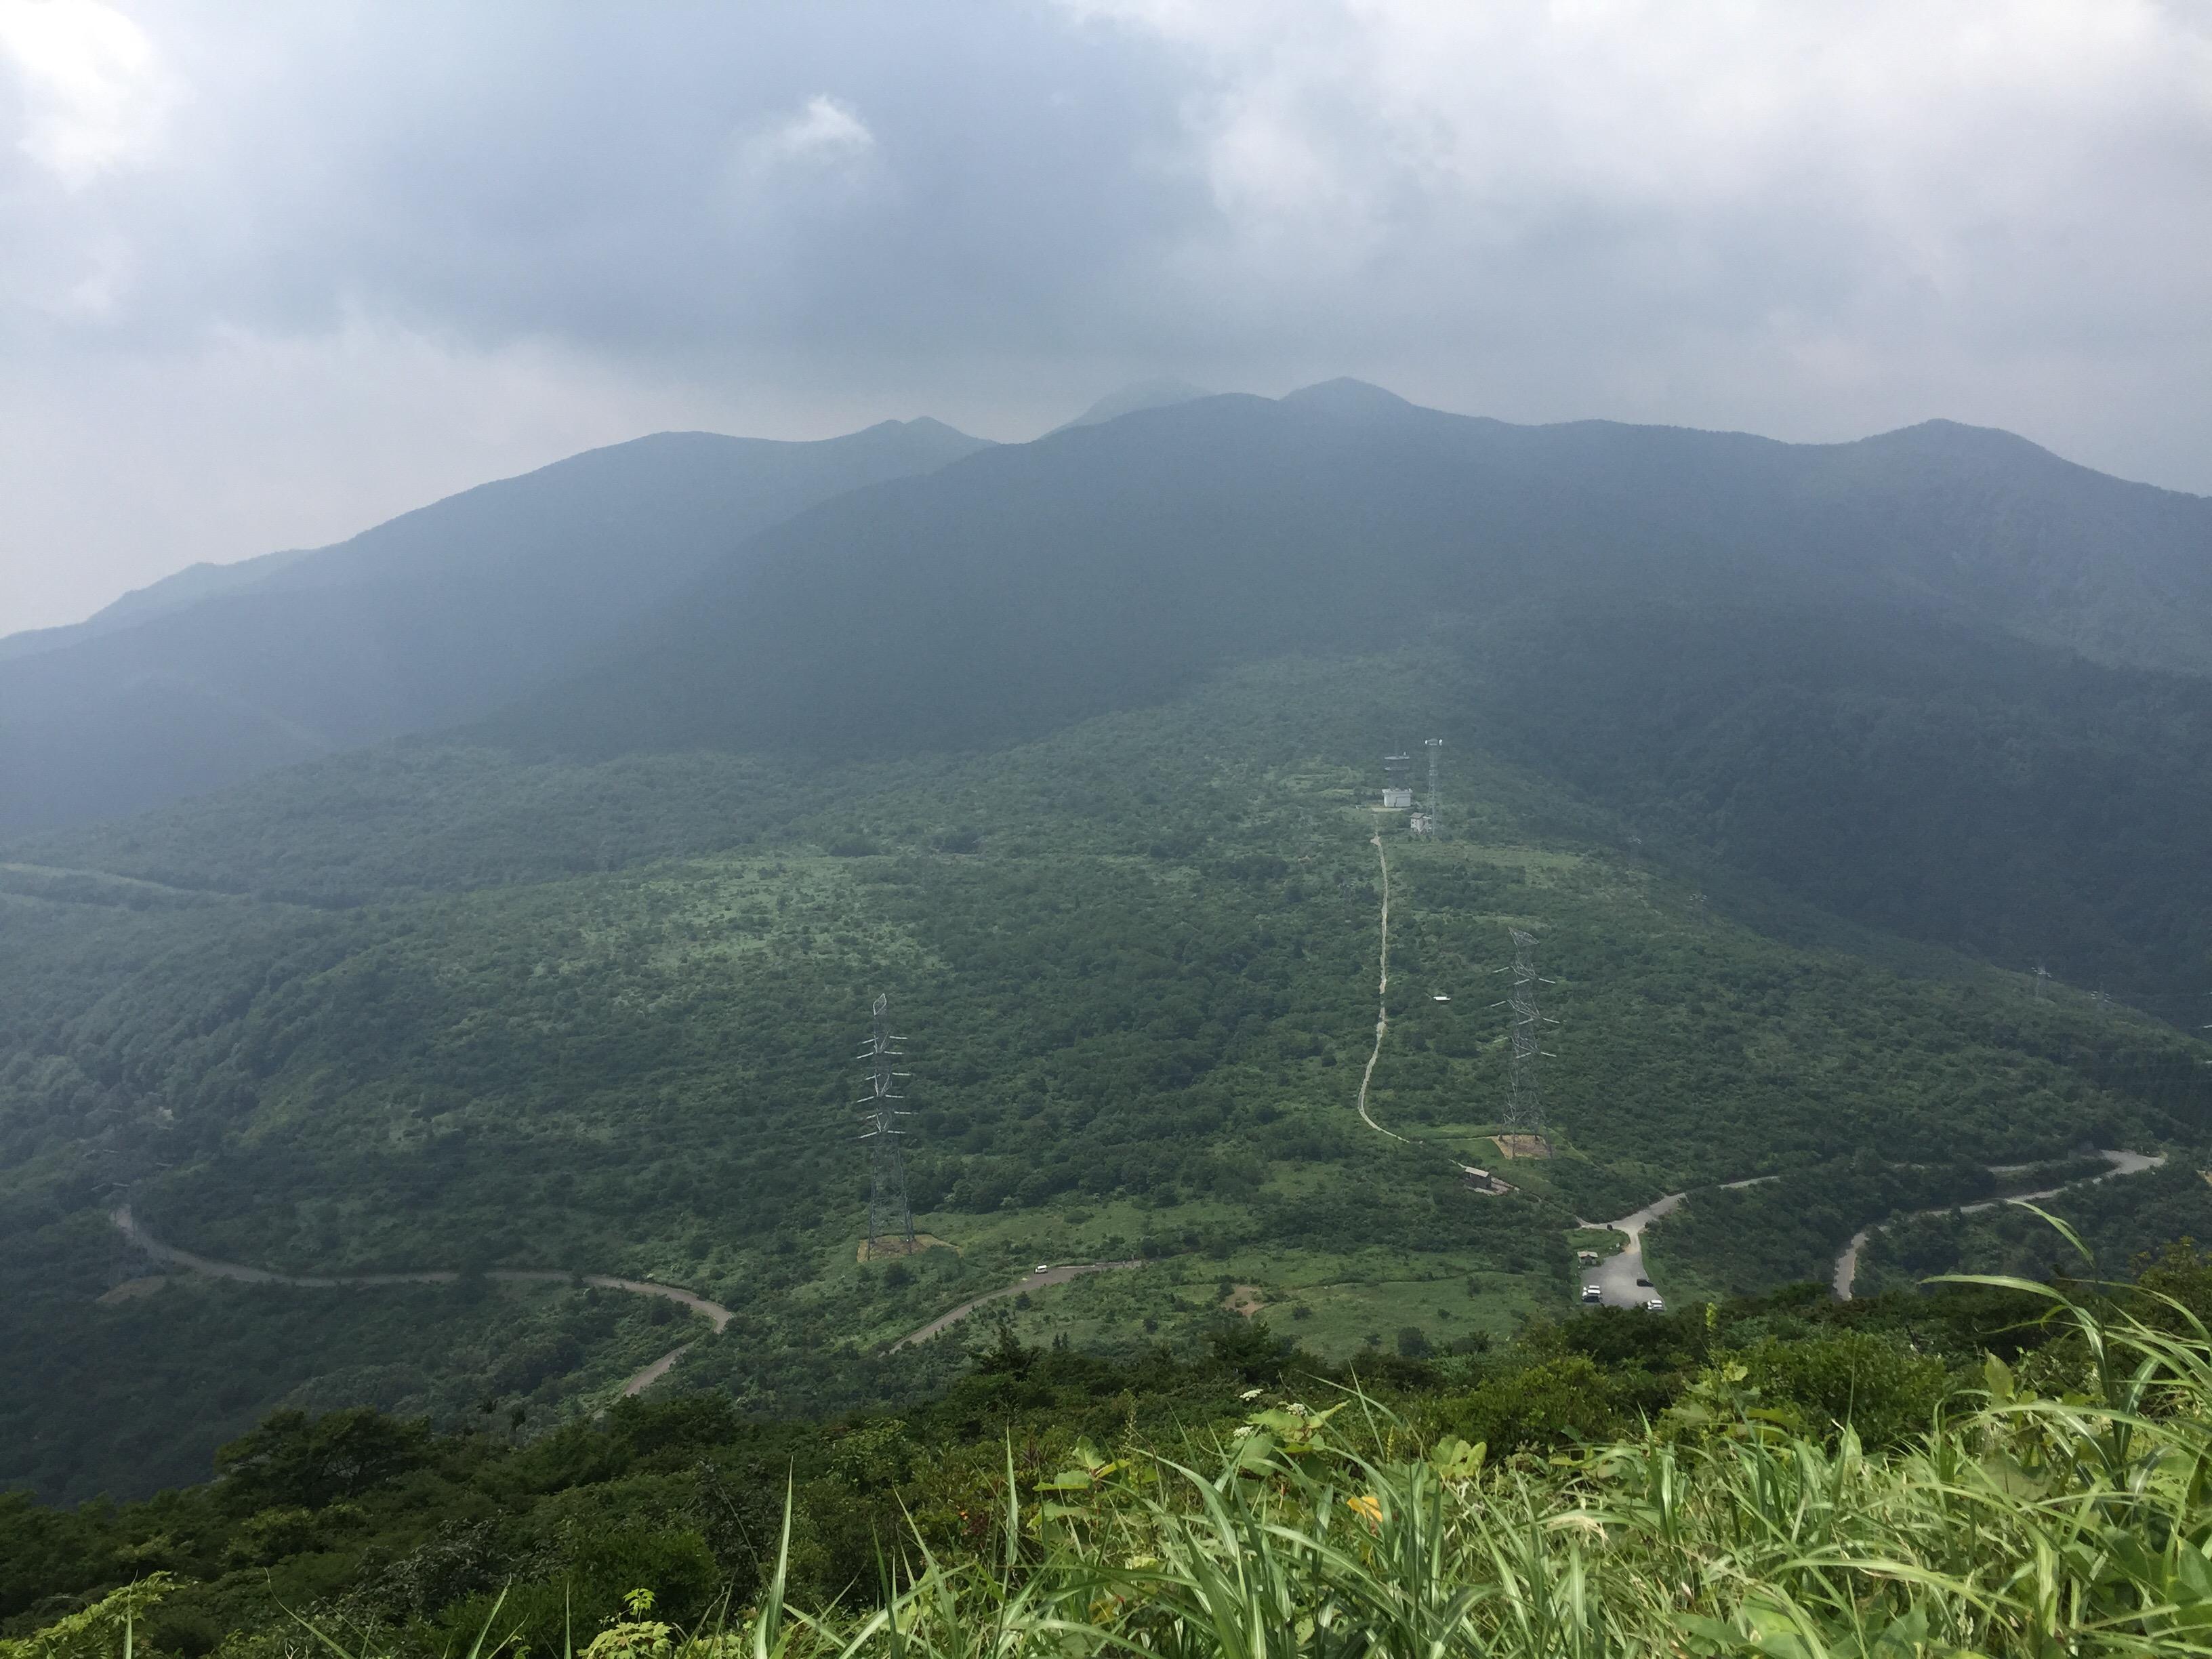 山形神室岳 山形百名山 大関山